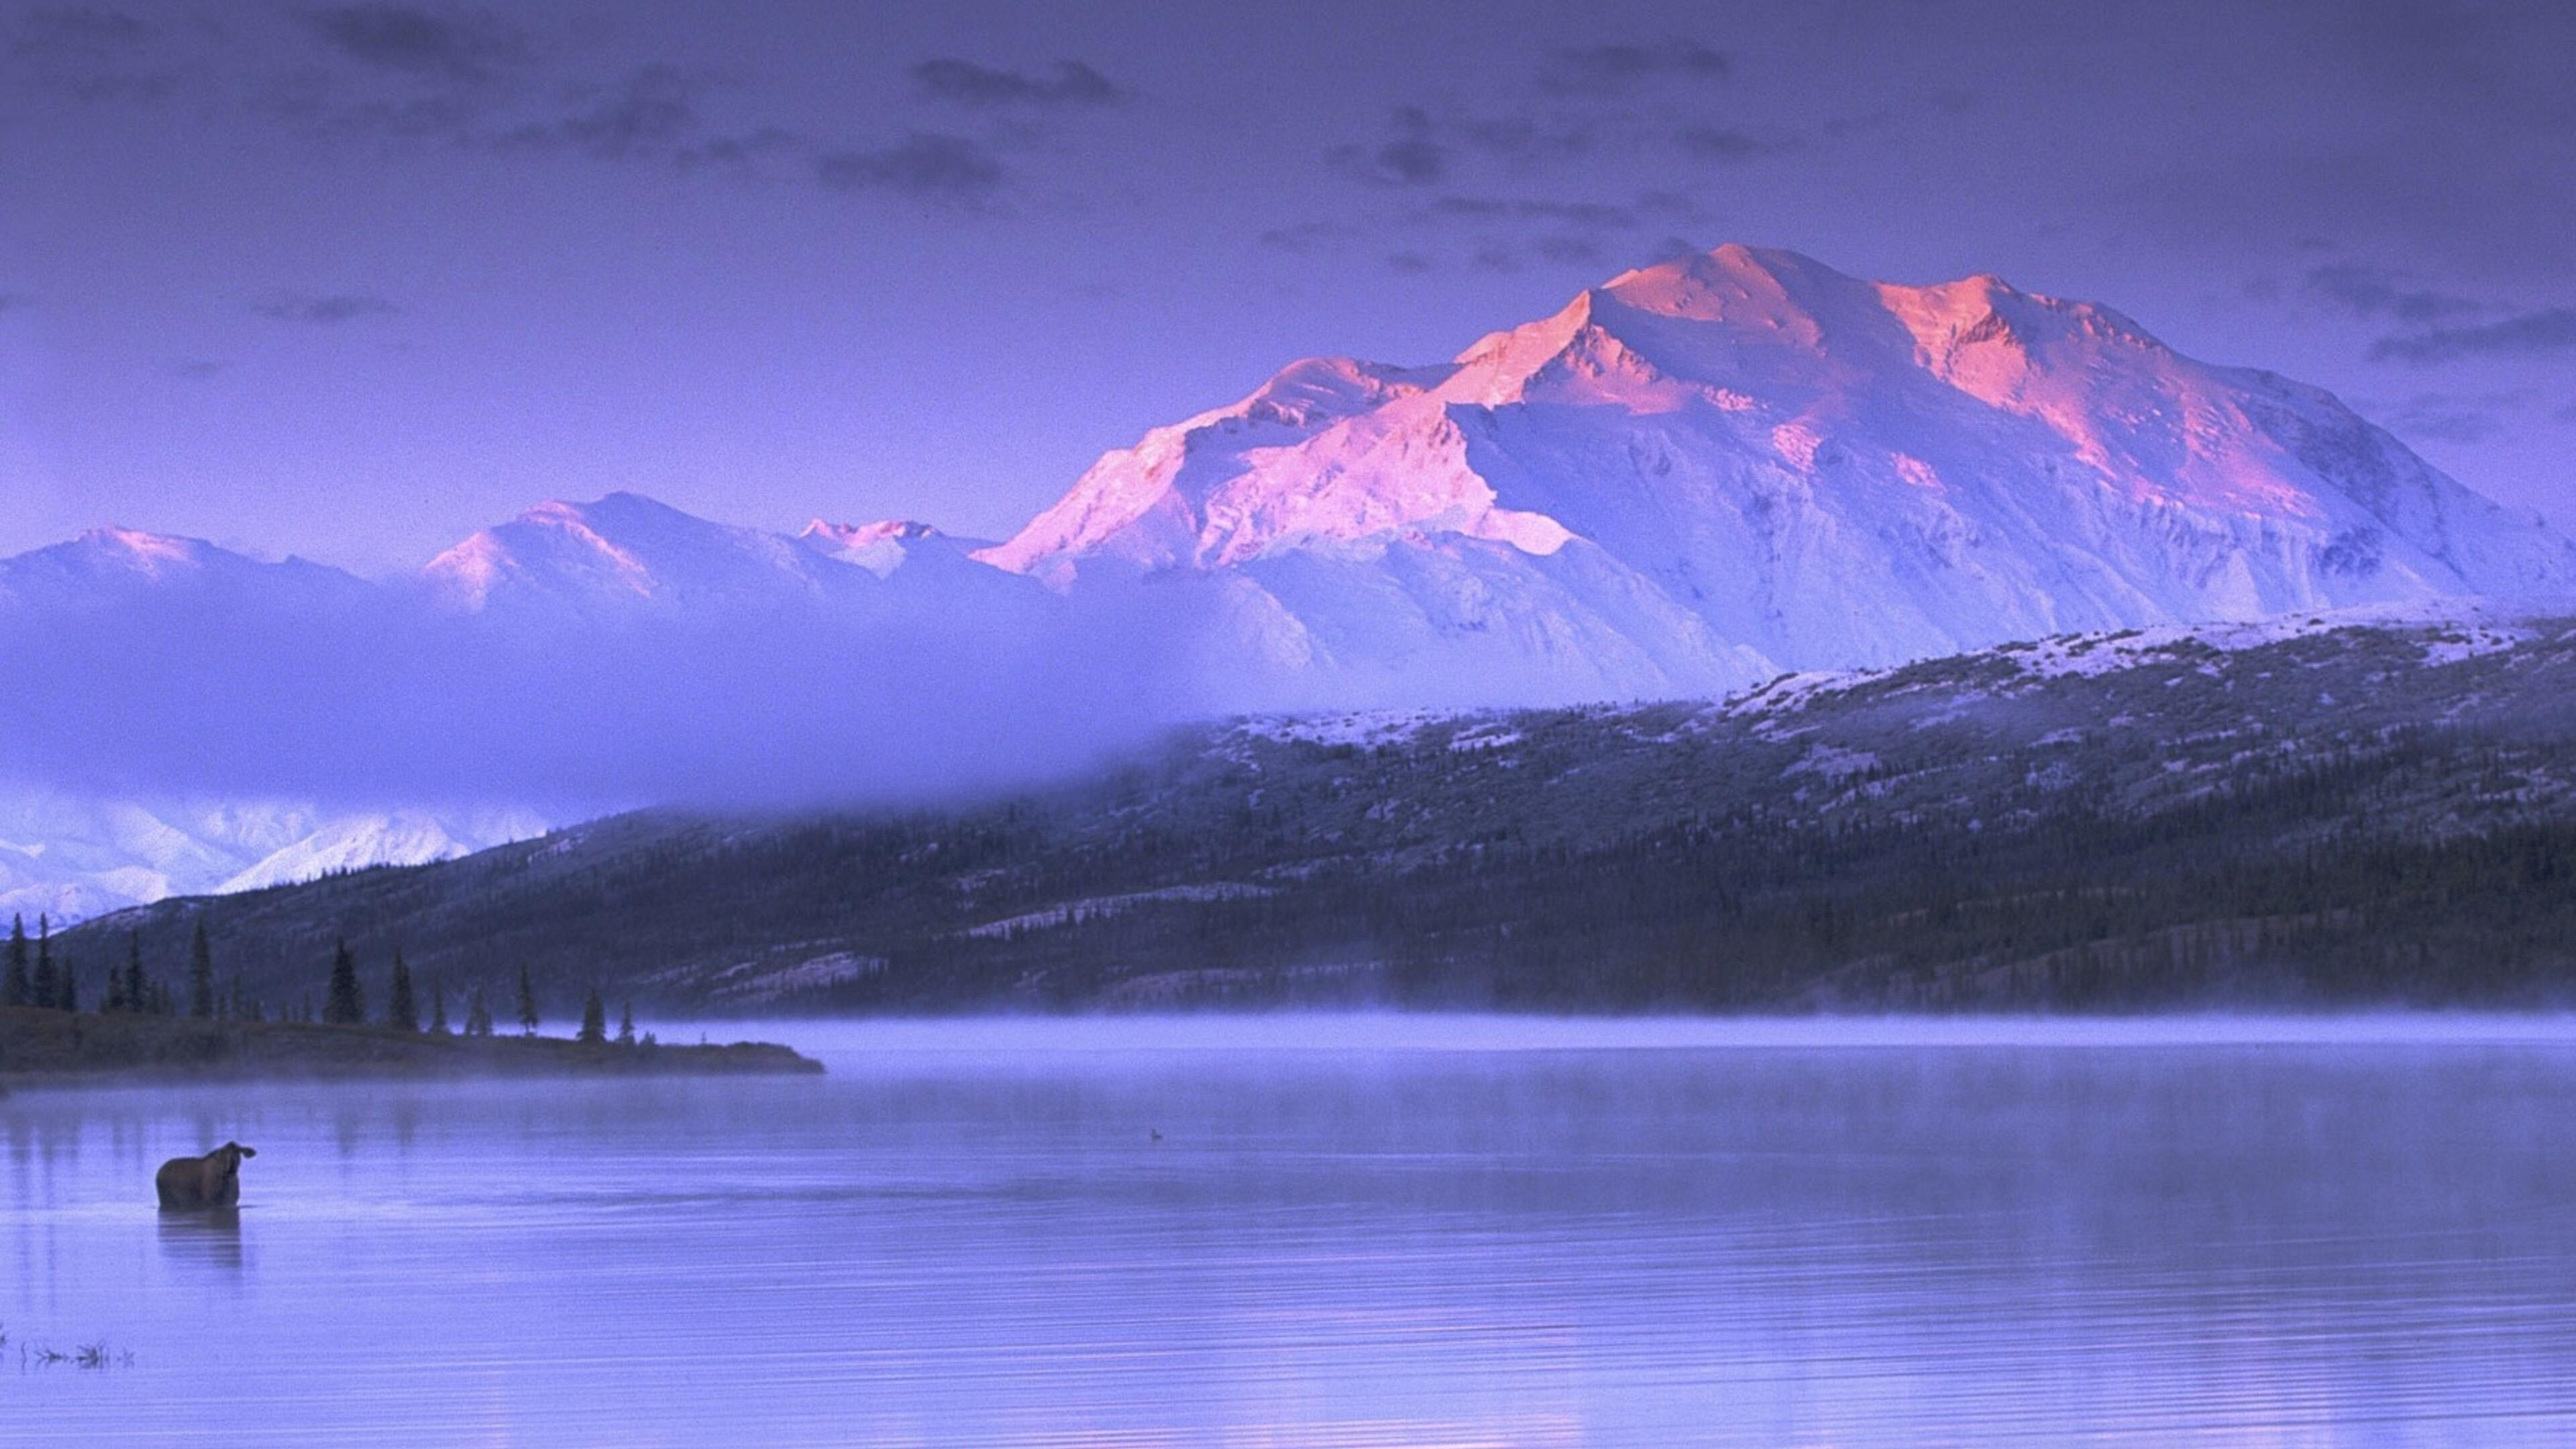 Пейзажный вид Аляски белые покрытые горы под белым небом и спокойный водоем природа обои скачать